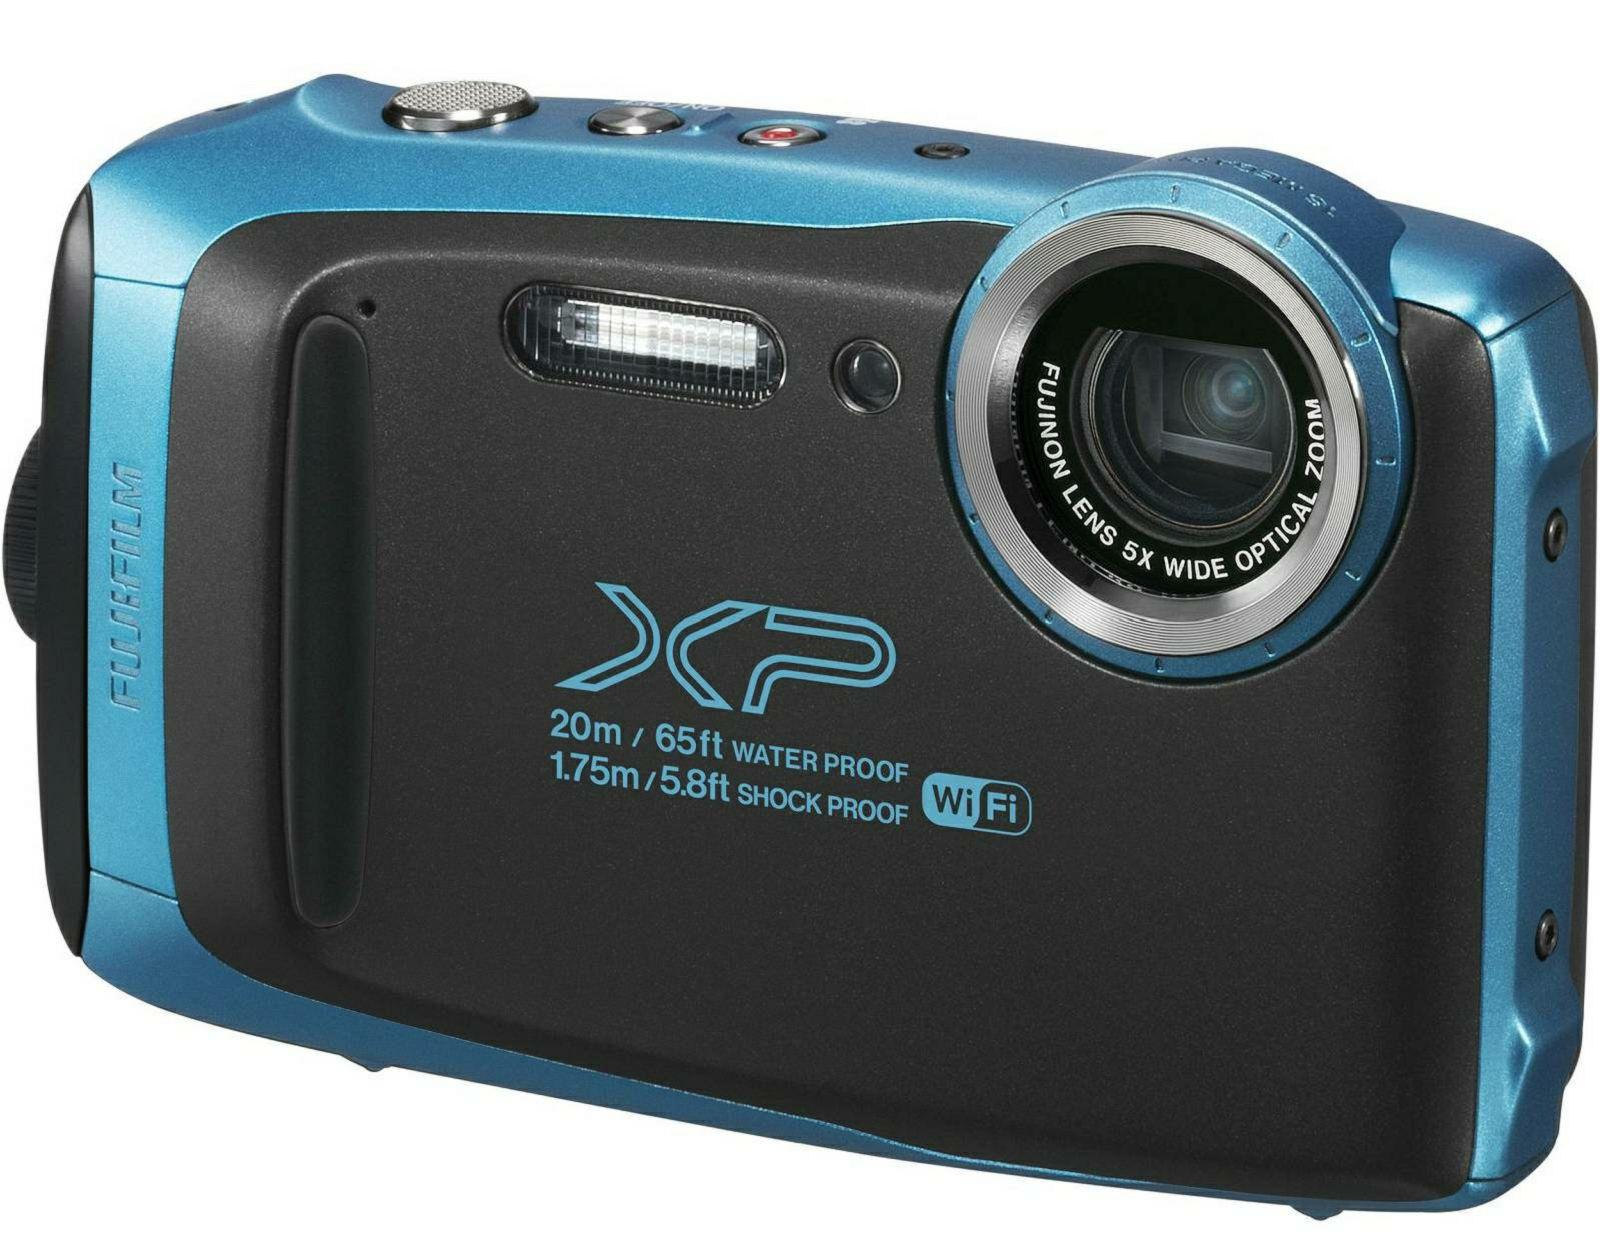 Лучший цифровой фотоаппарат фотоаппарата они